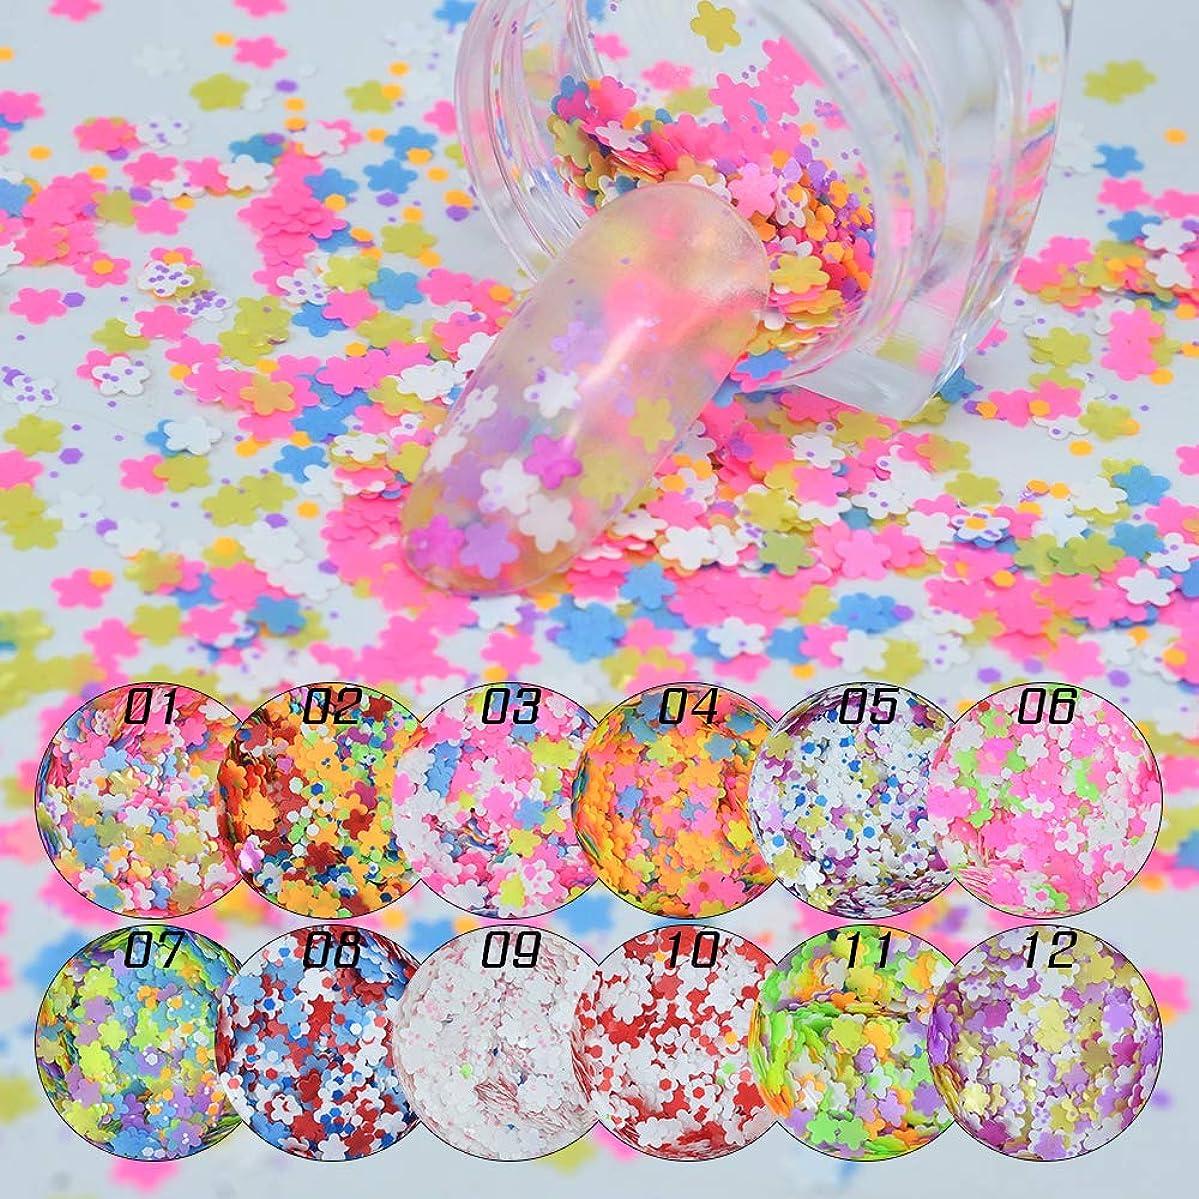 メーリンドス 極薄ネイルパーツスパンコール 可愛いネイルアートパーツ カラフルなシールステッカー 花と六角ミックス入る マットホログラムスパンコール12本セット